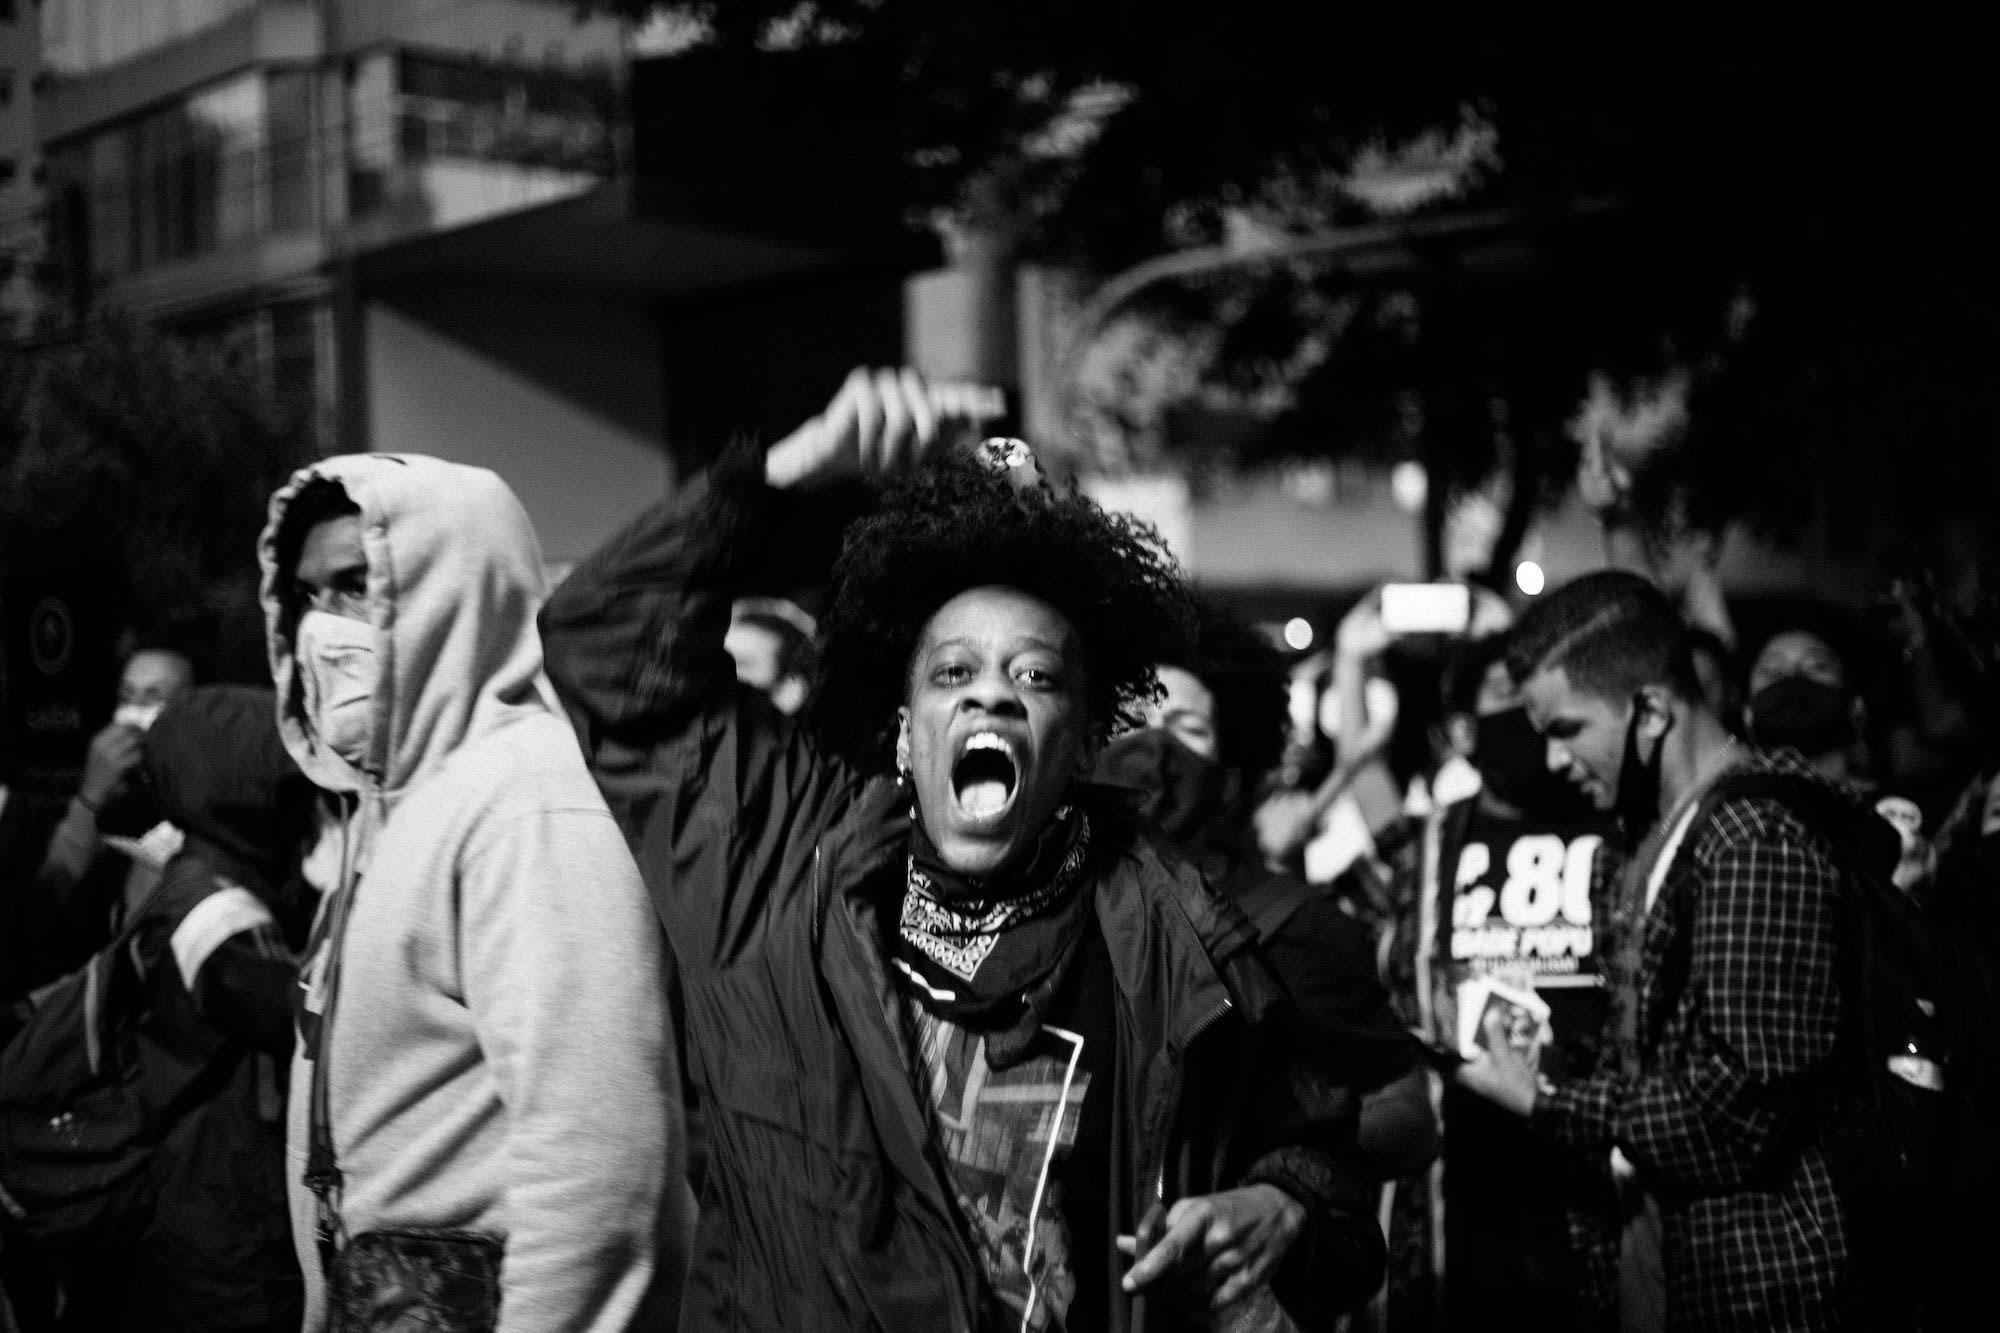 Cena de protesto com pessoas passando, uma pessoa em primeiro plano com bandana no pescoço, gritando e erguendo punho.